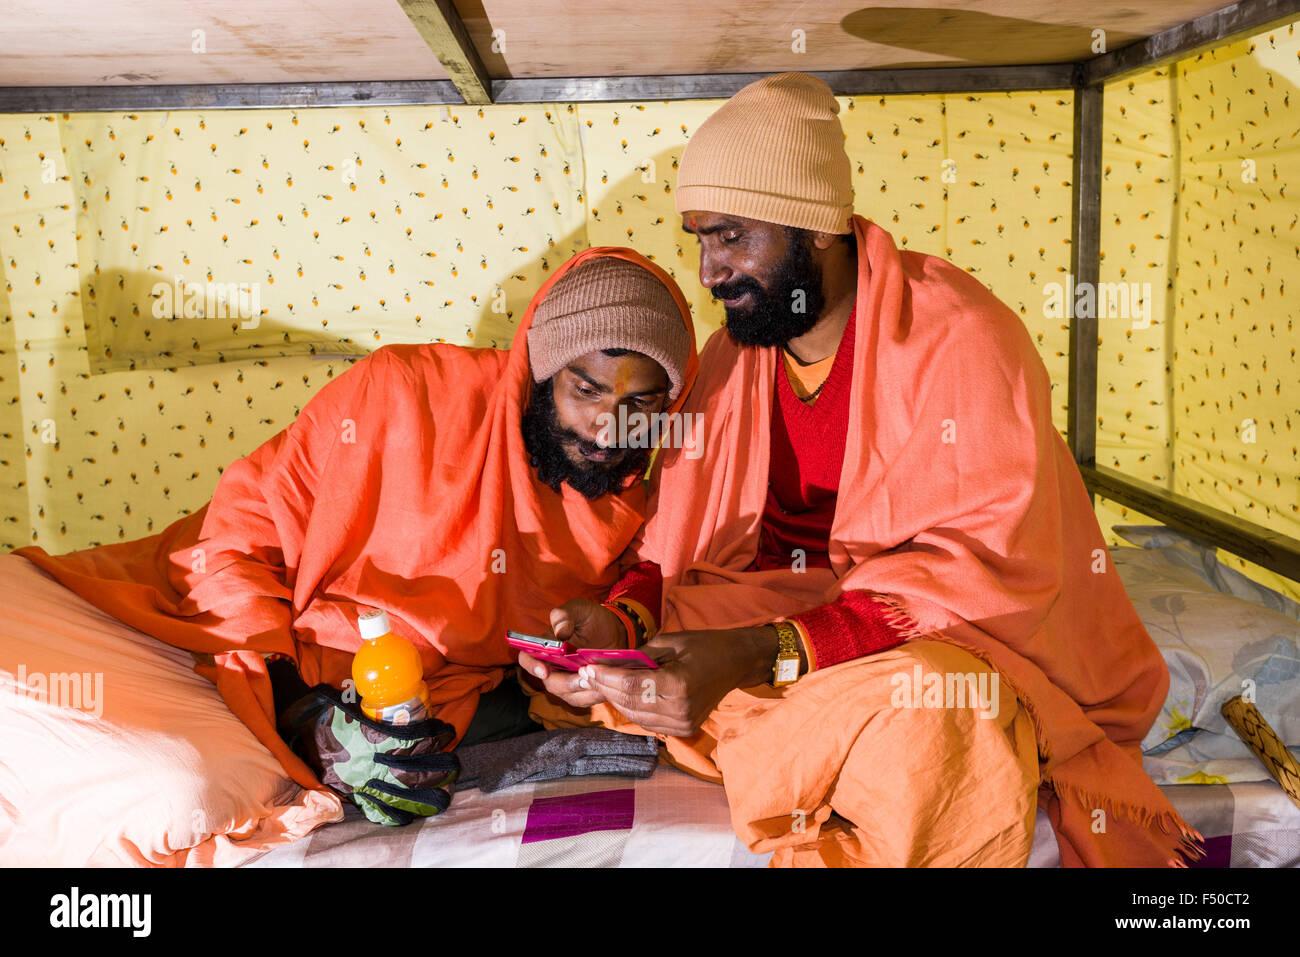 Deux sadhus, saints hommes, jouent avec un smartphone dans une tente Banque D'Images